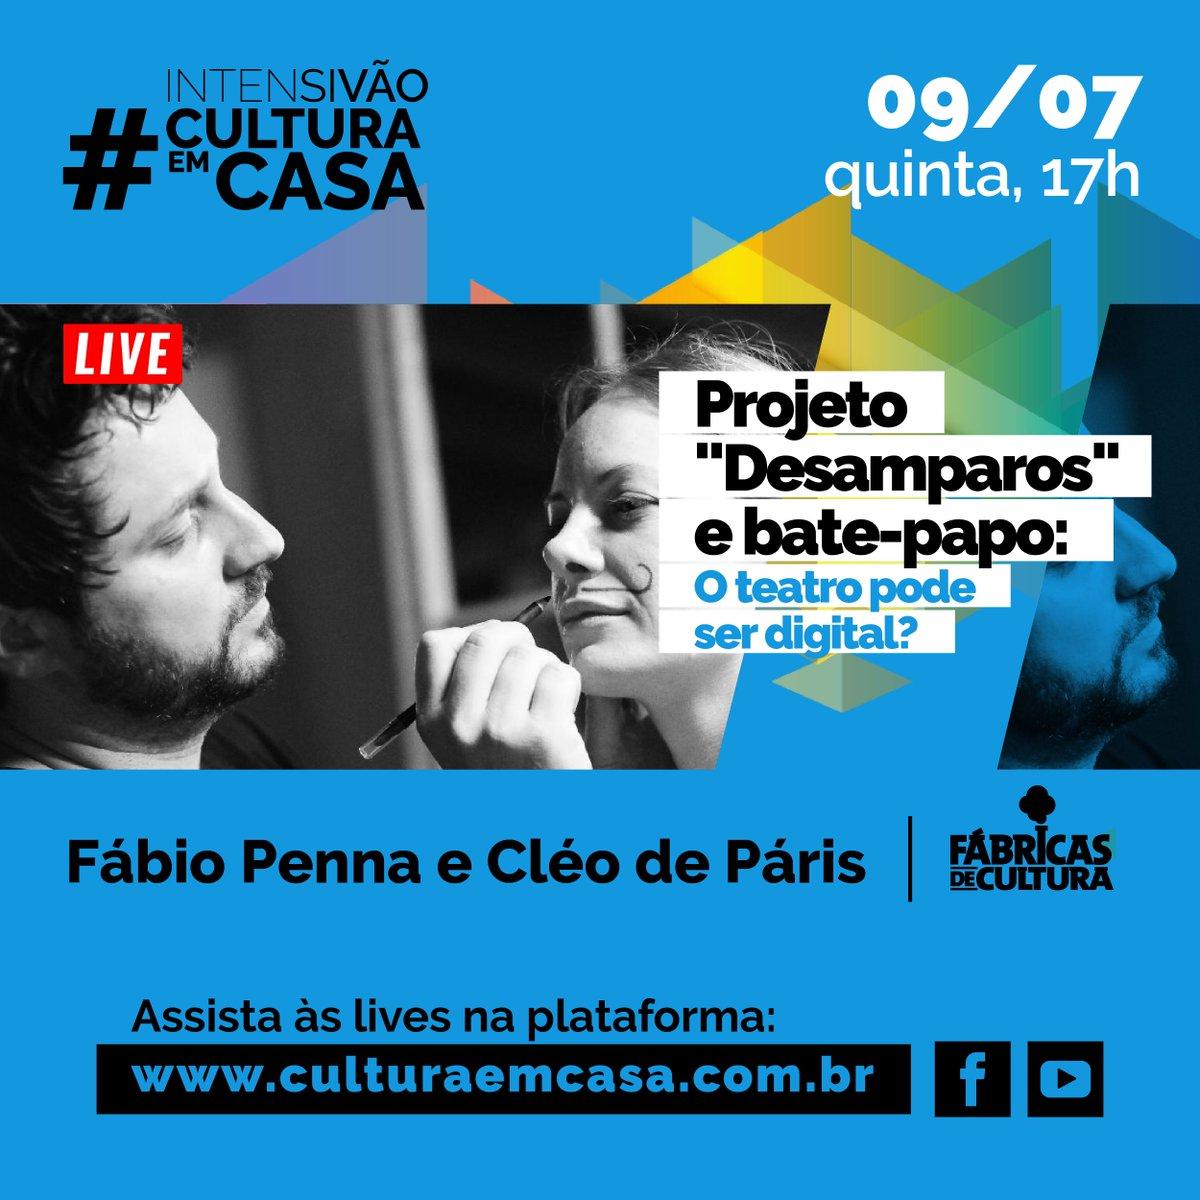 O teatro pode ser digital?  Nesta quinta no #CulturaEmCasa vamos conversar com Fábio Penna e Cléo de Páris, das Fábricas de Cultura ZL, sobre o projeto Desamparos e nova formas de fazer teatro nas plataformas digitais.  Assista às 17h na plataforma:  http://www.culturaemcasa.com.brpic.twitter.com/ORGKuBPr7e